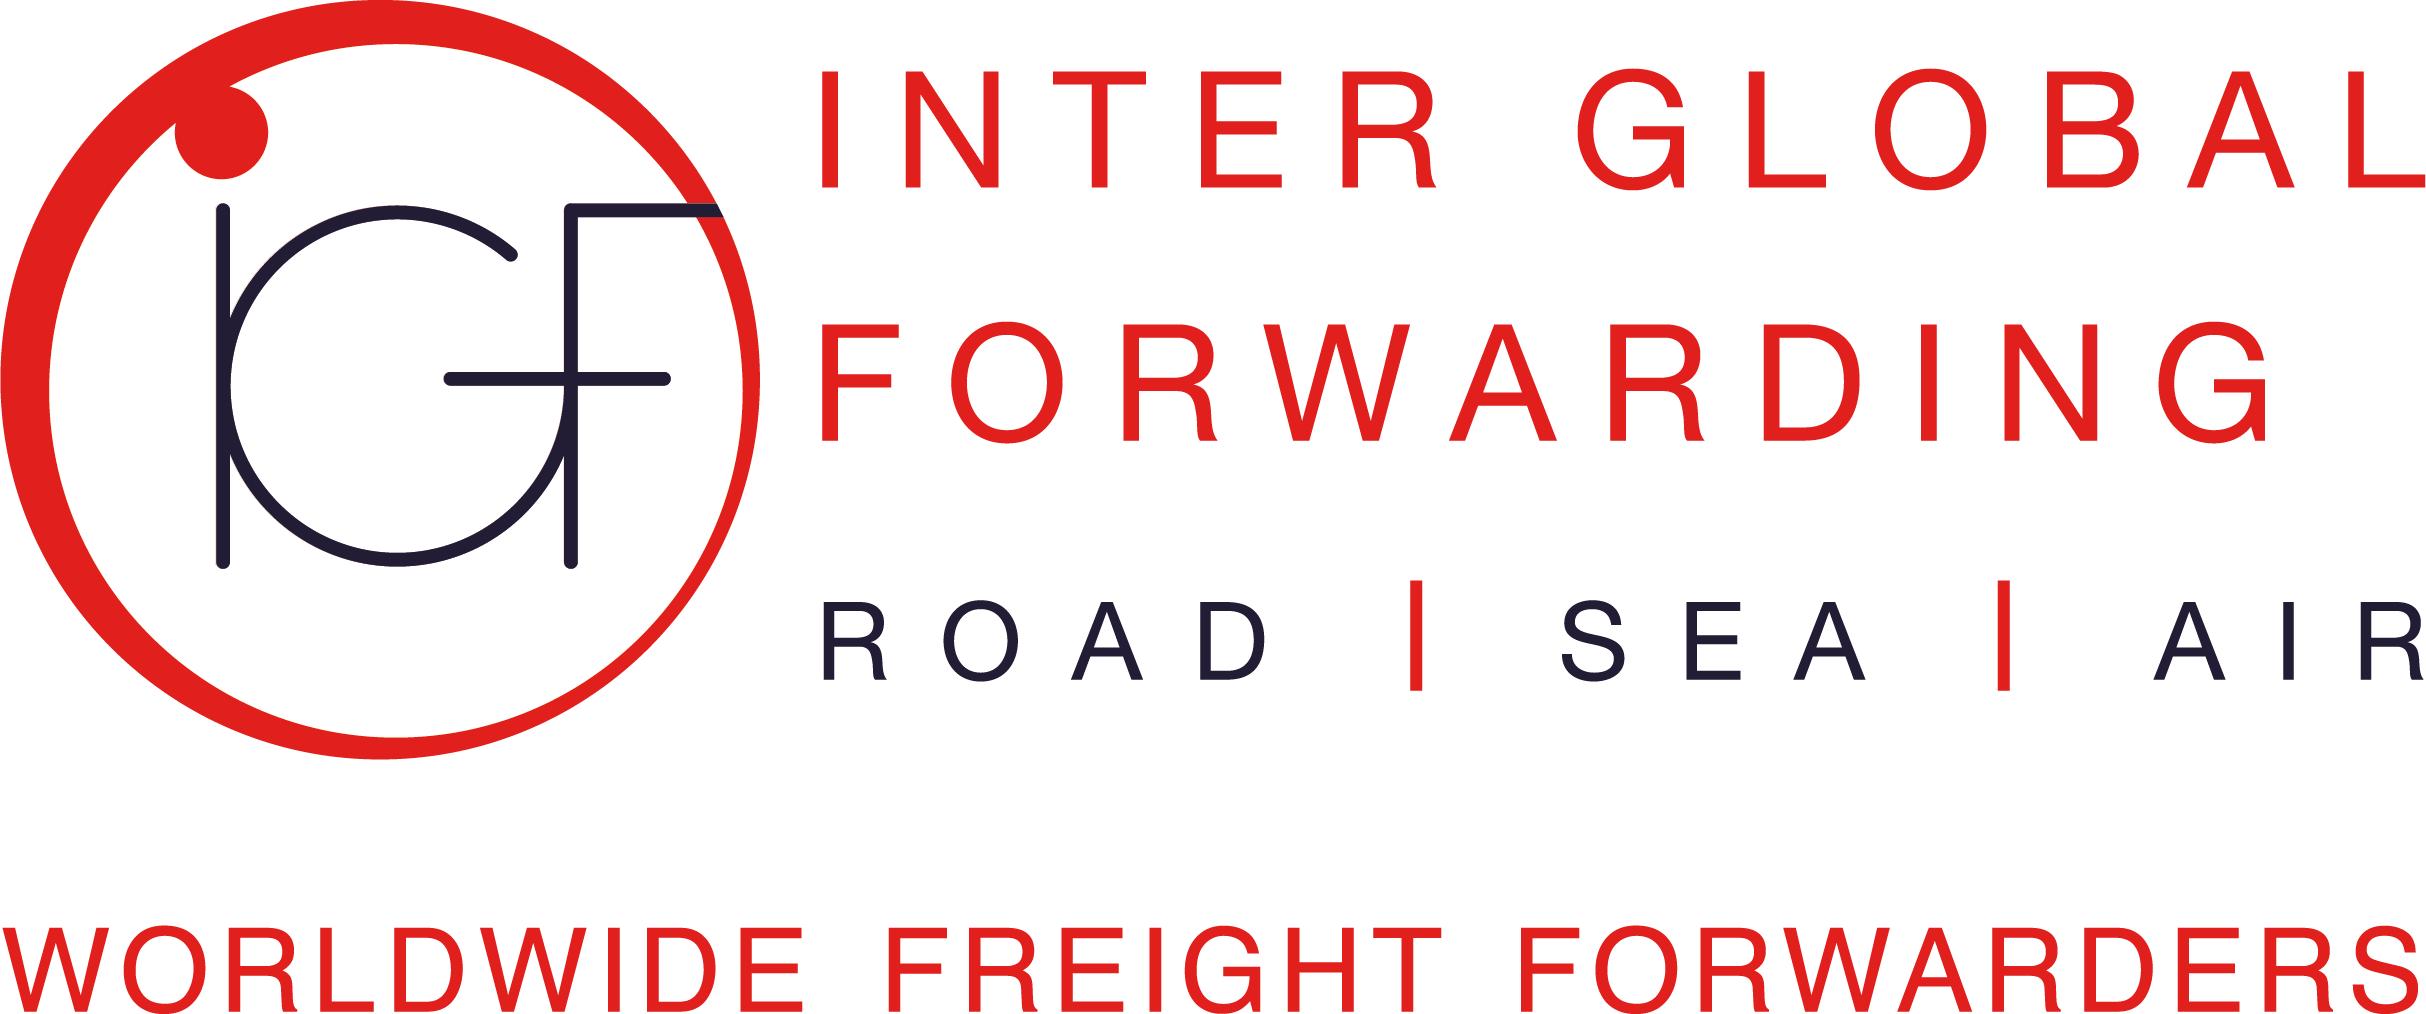 Interglobal Forwarding